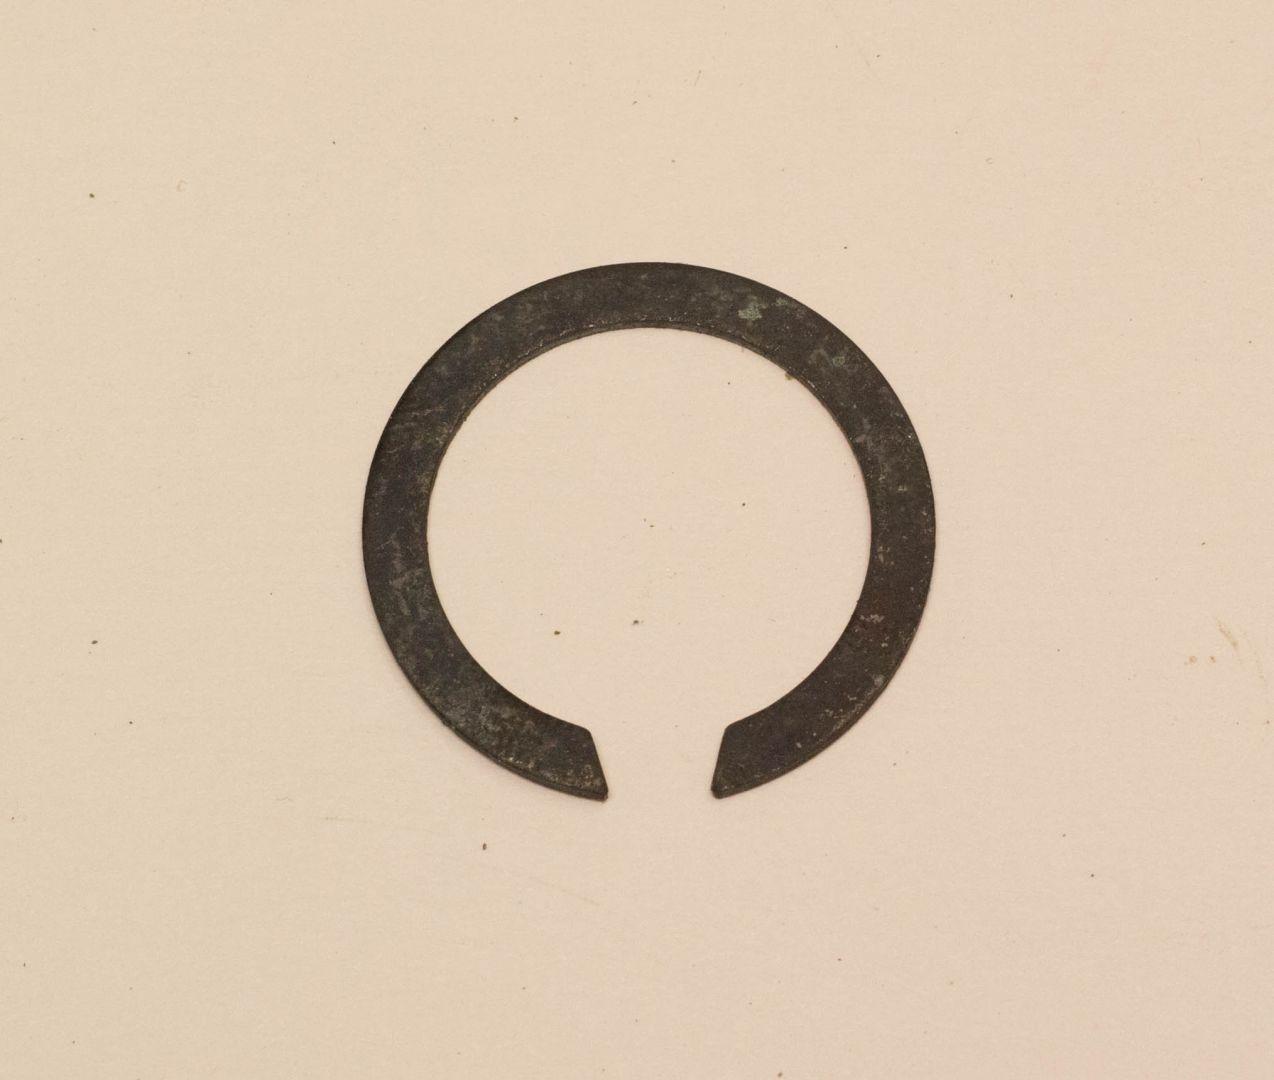 Кольцо стопорное малое В-25 002040276